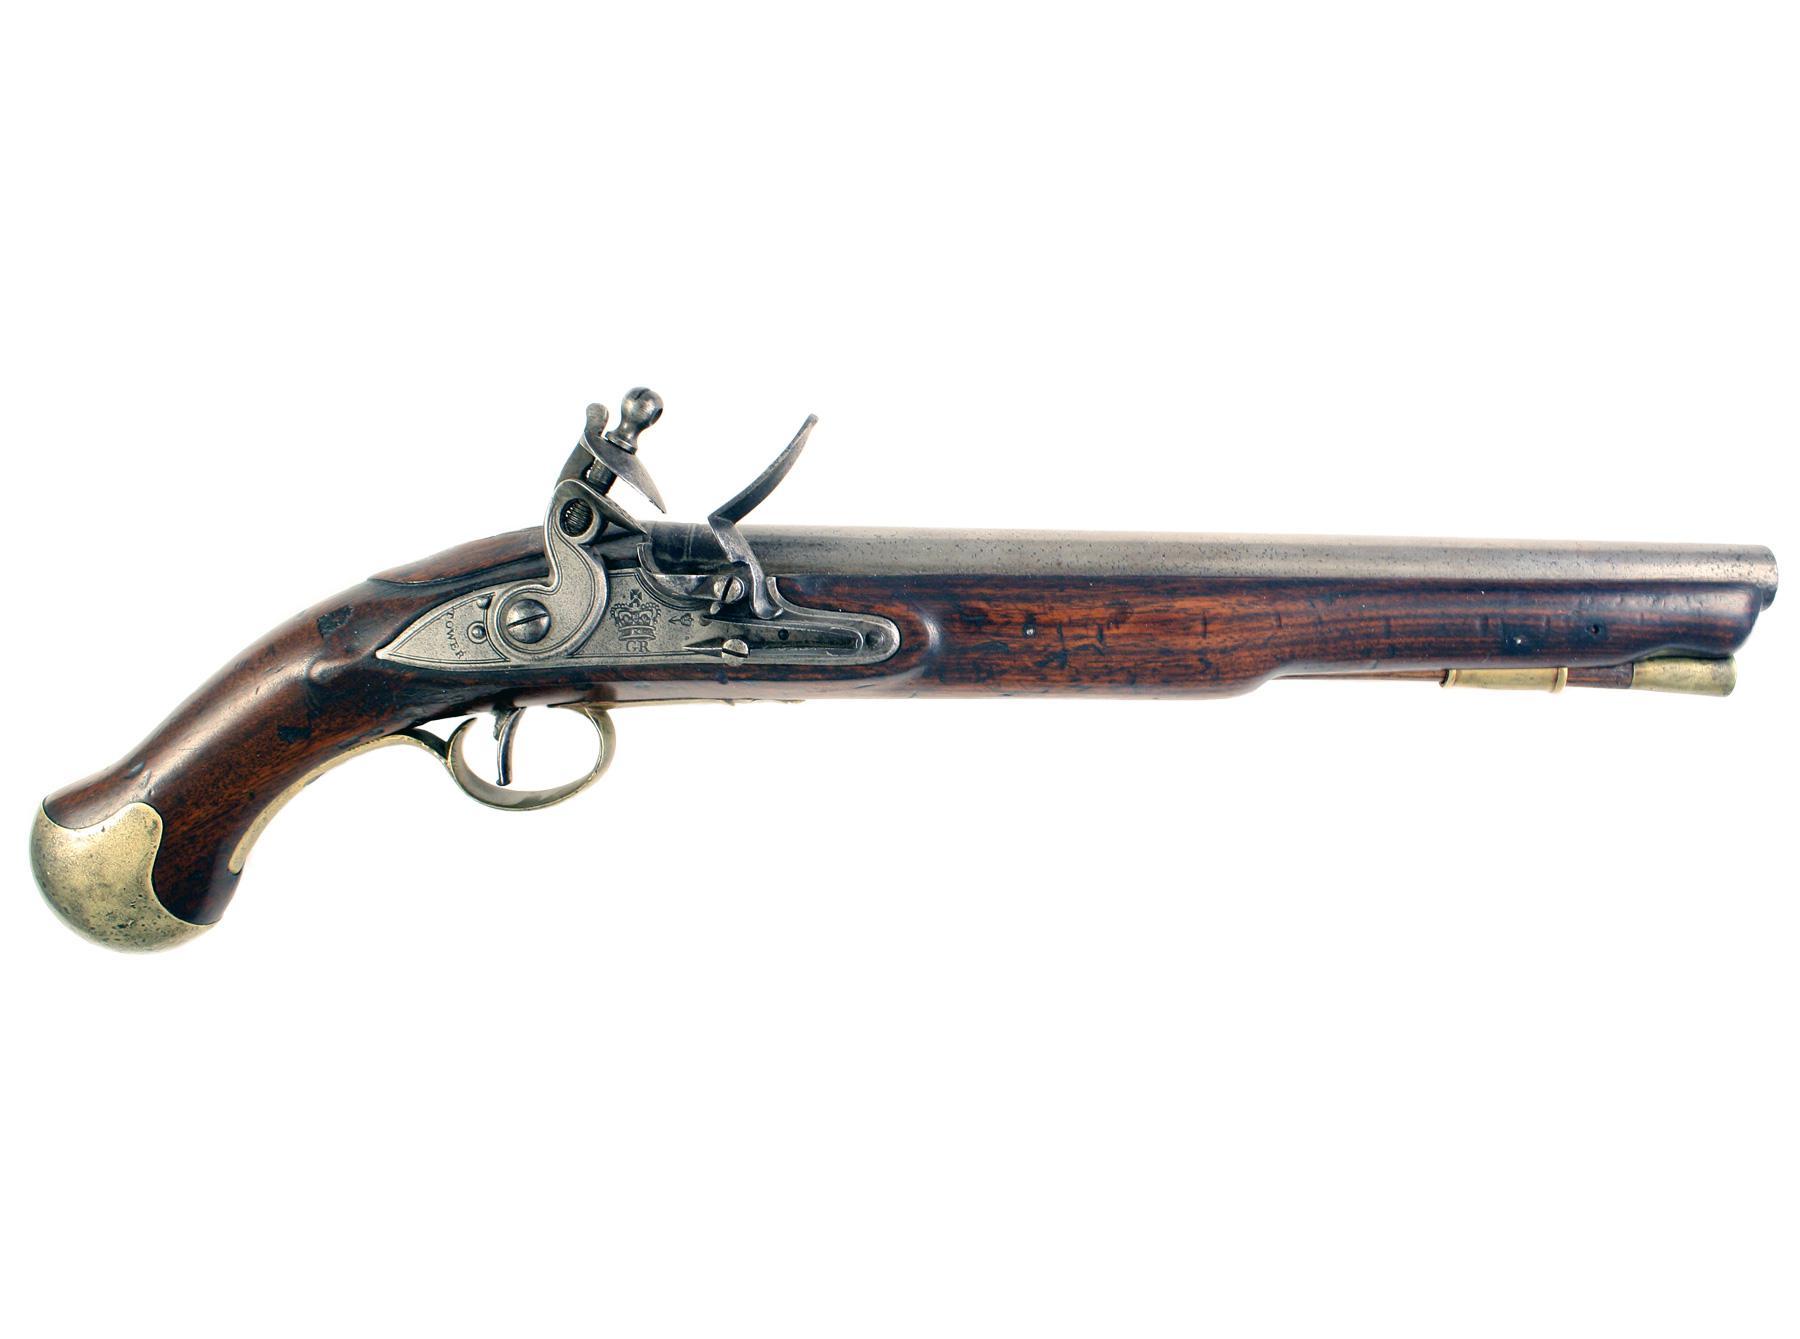 A Flintlock Long Sea Service Pistol